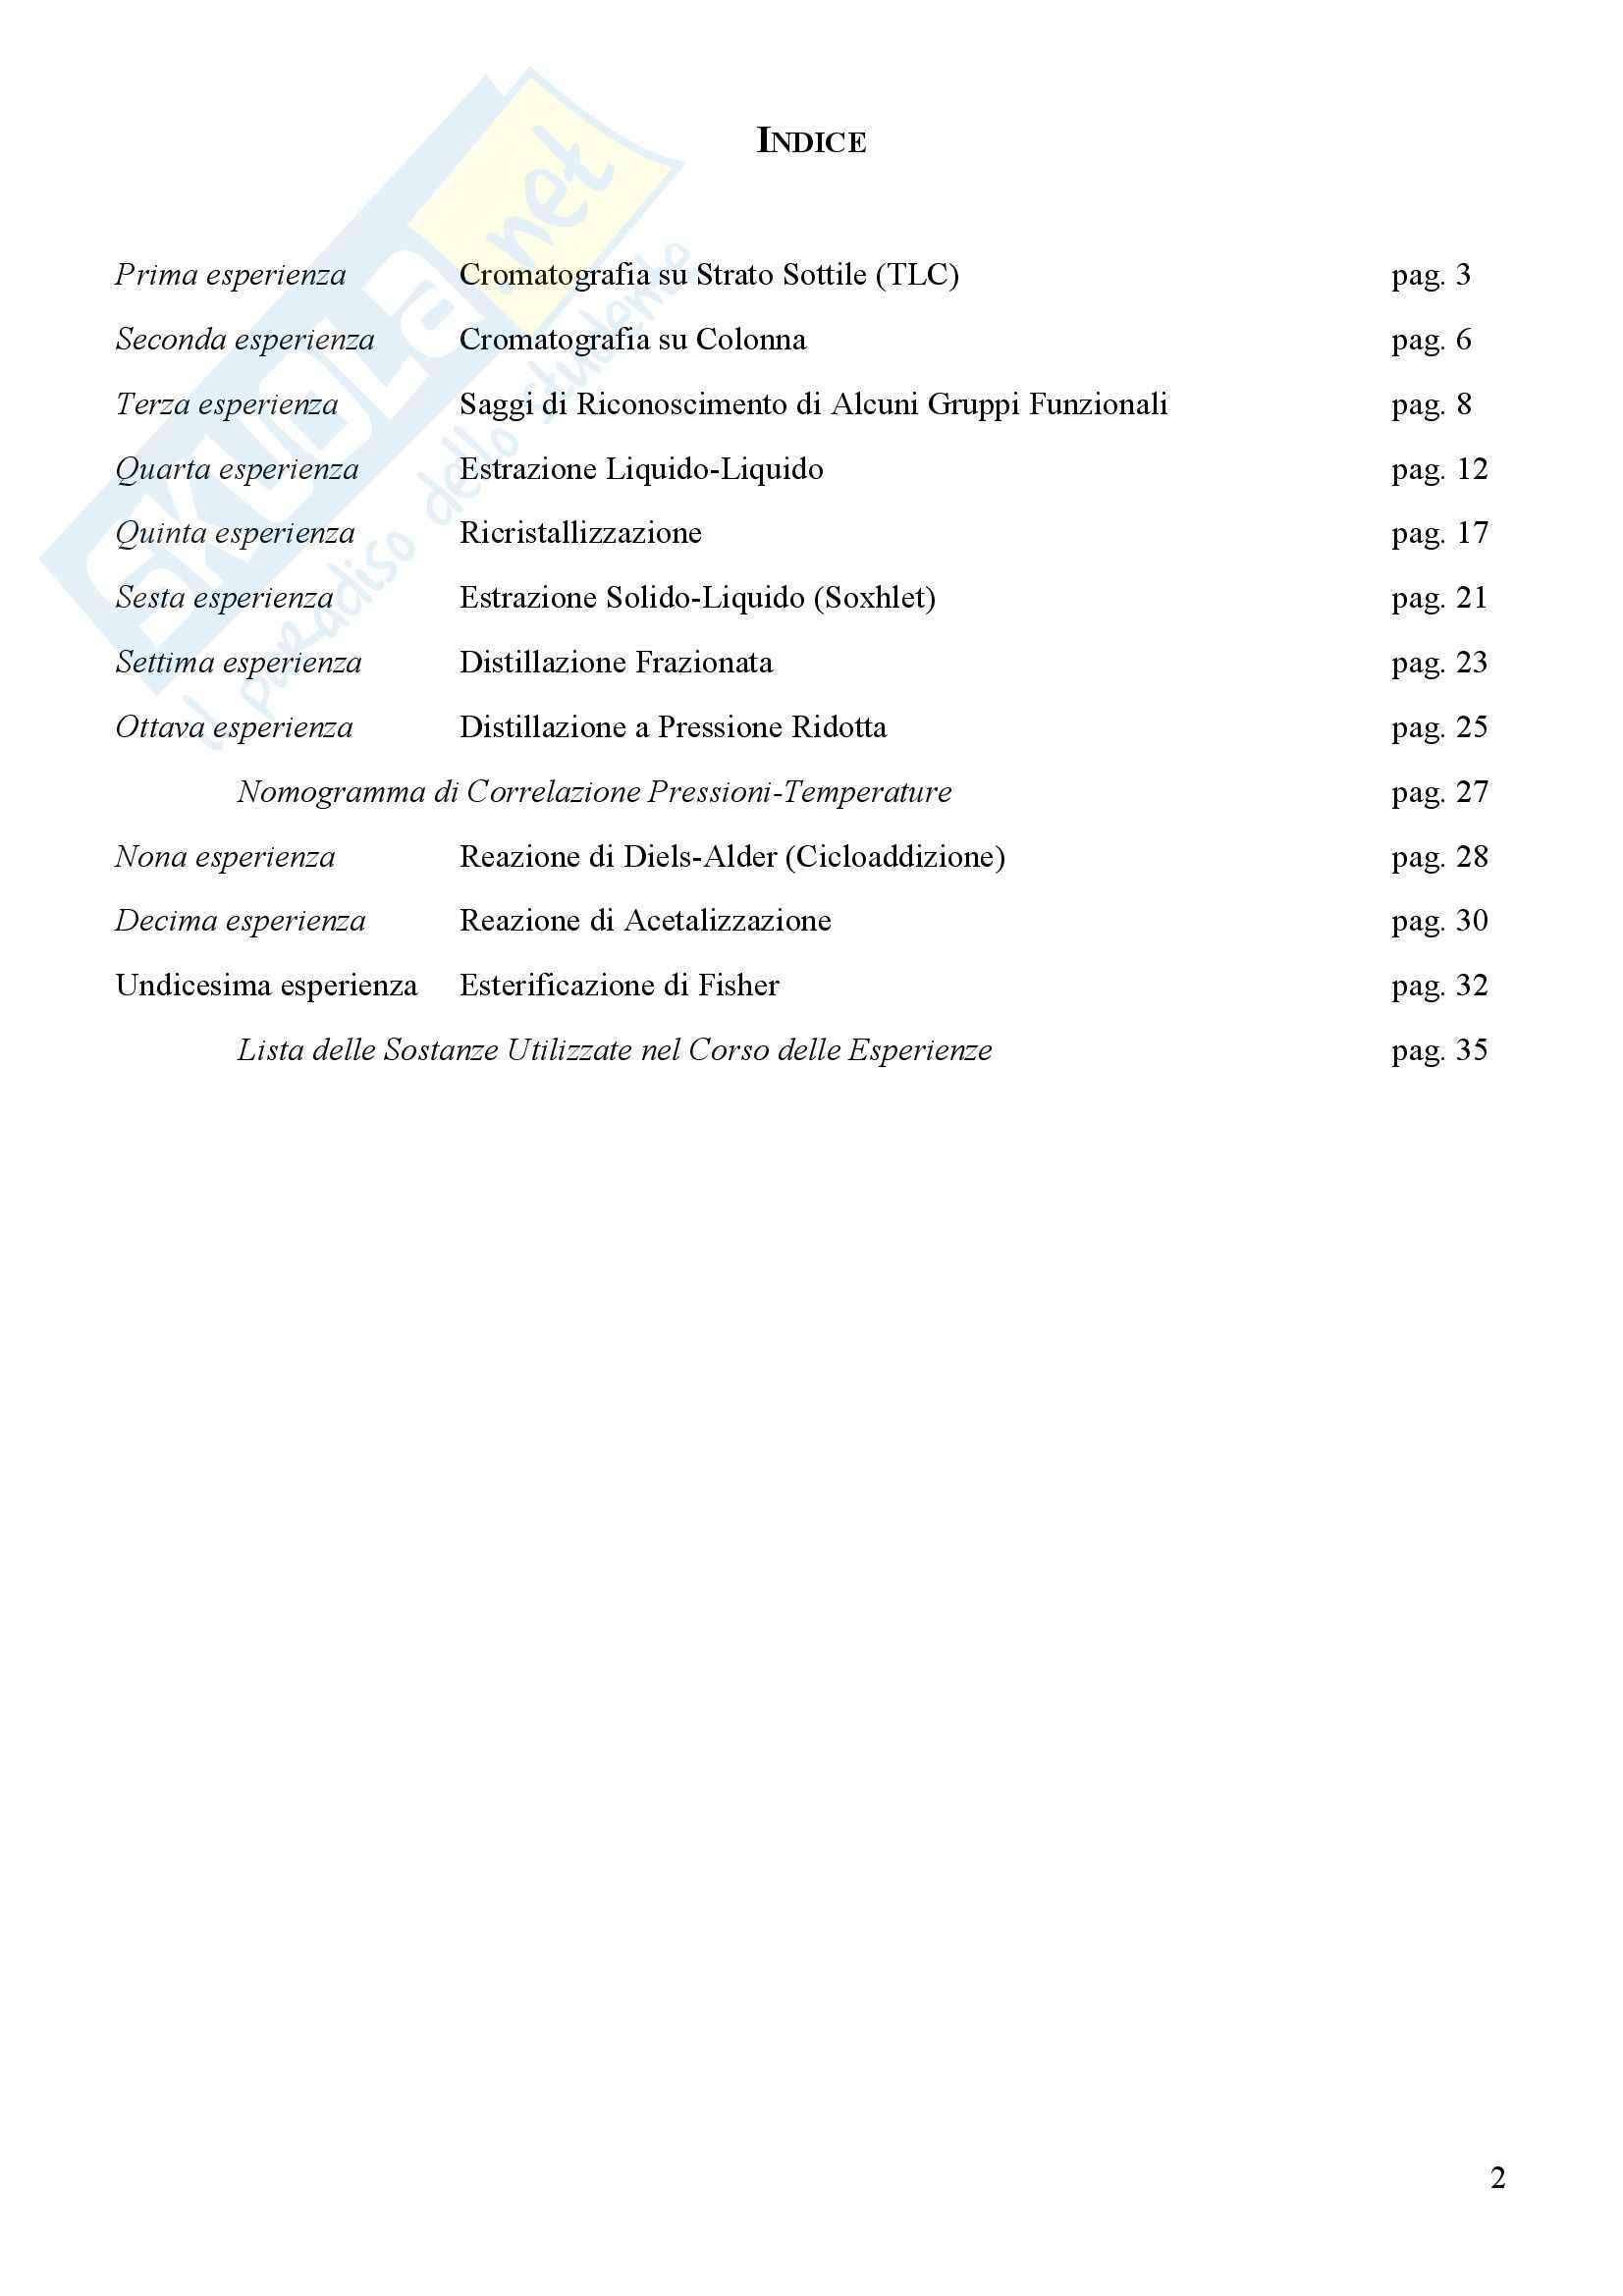 Laboratorio di estrazione e sintesi dei farmaci - Appunti Pag. 2